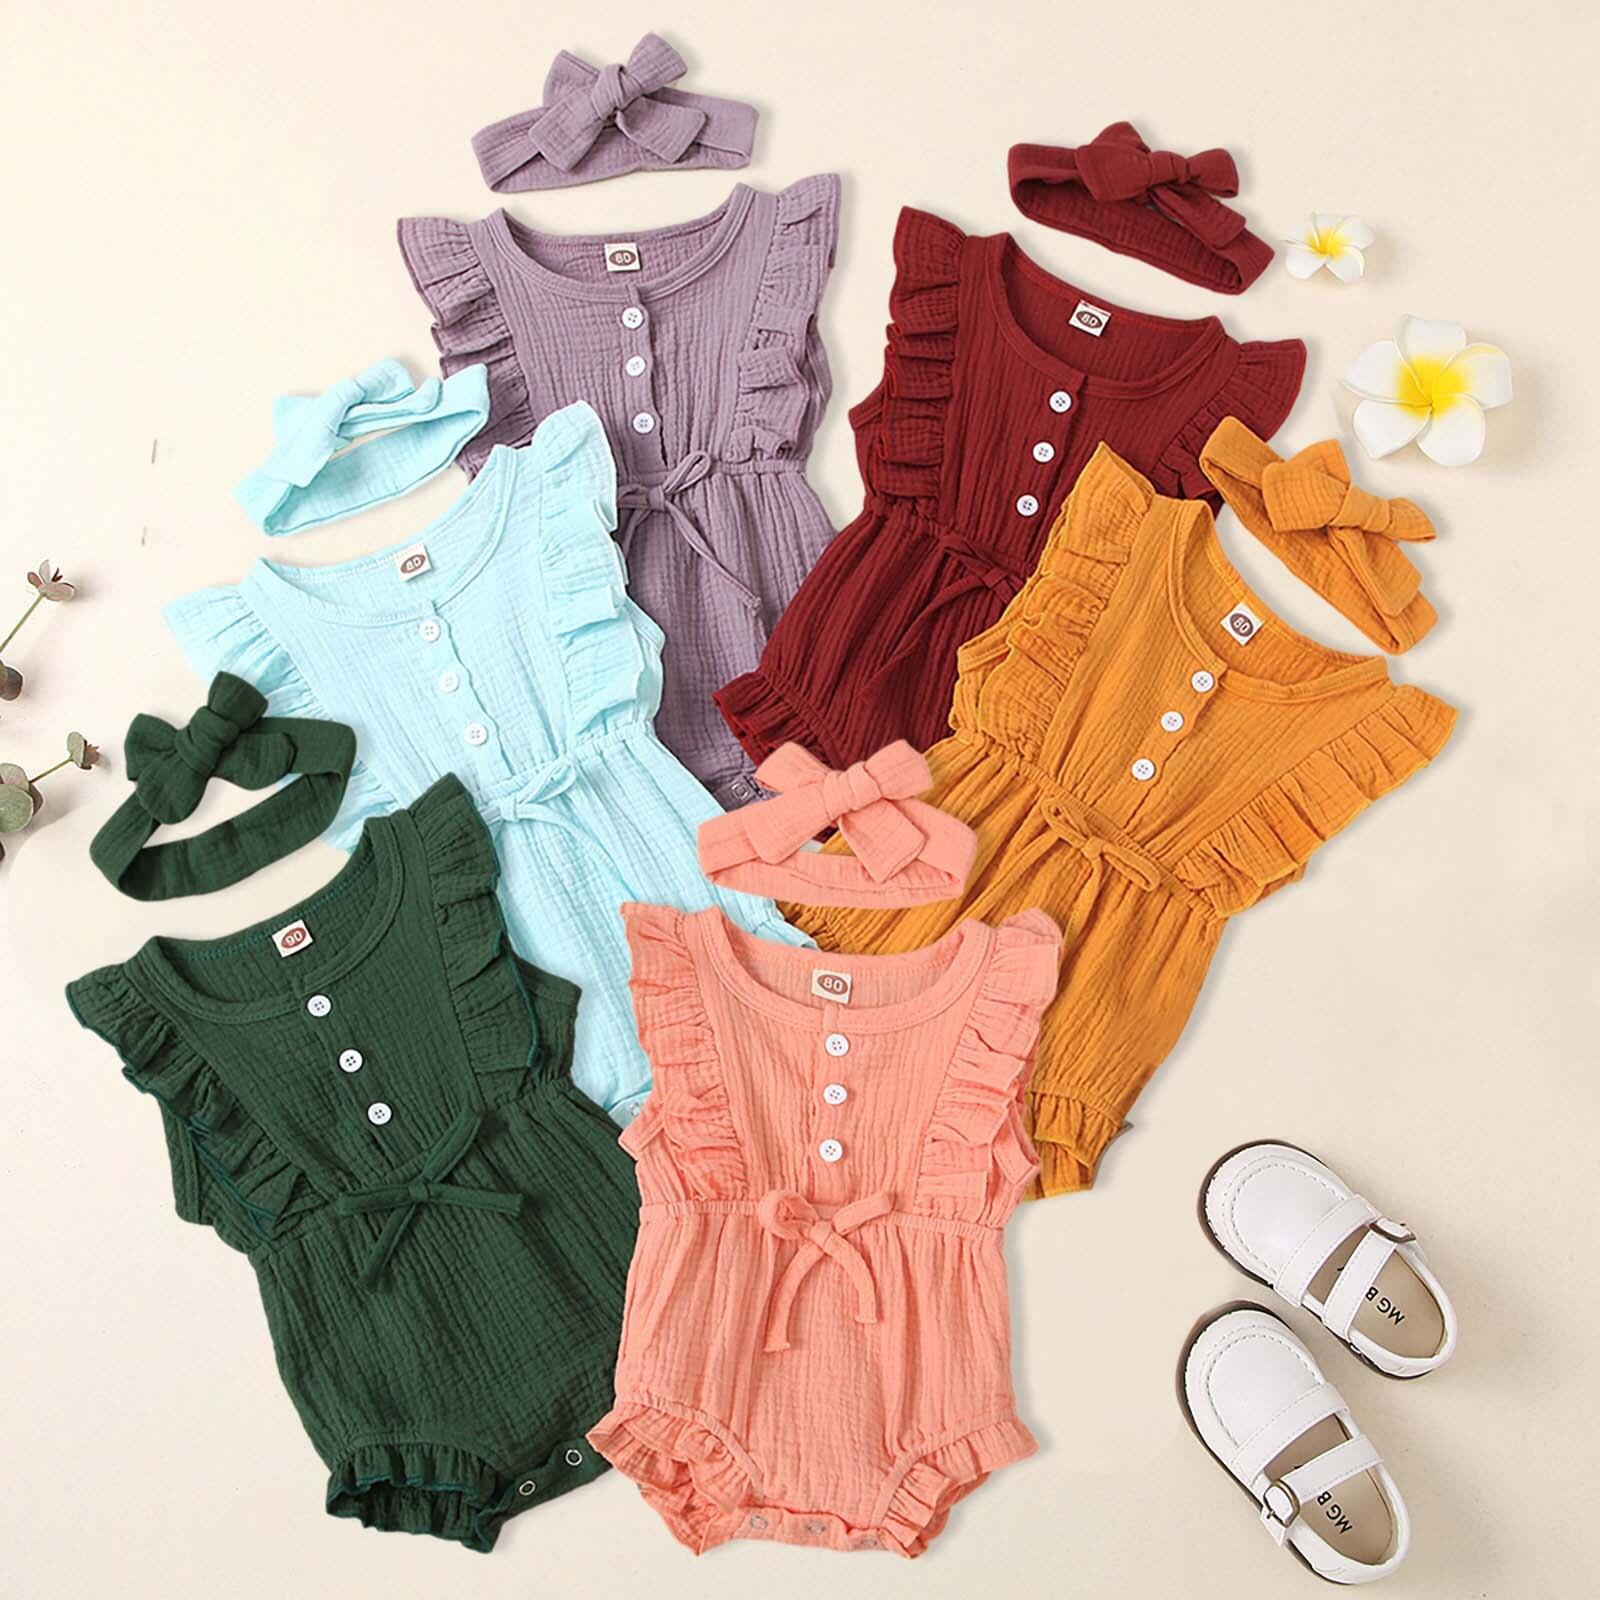 יילוד קיץ תינוק בנות Romper + סרט כותנה פשתן קפלי שרוולים תינוקות Rompers יילוד בגדי תלבושות סרבל